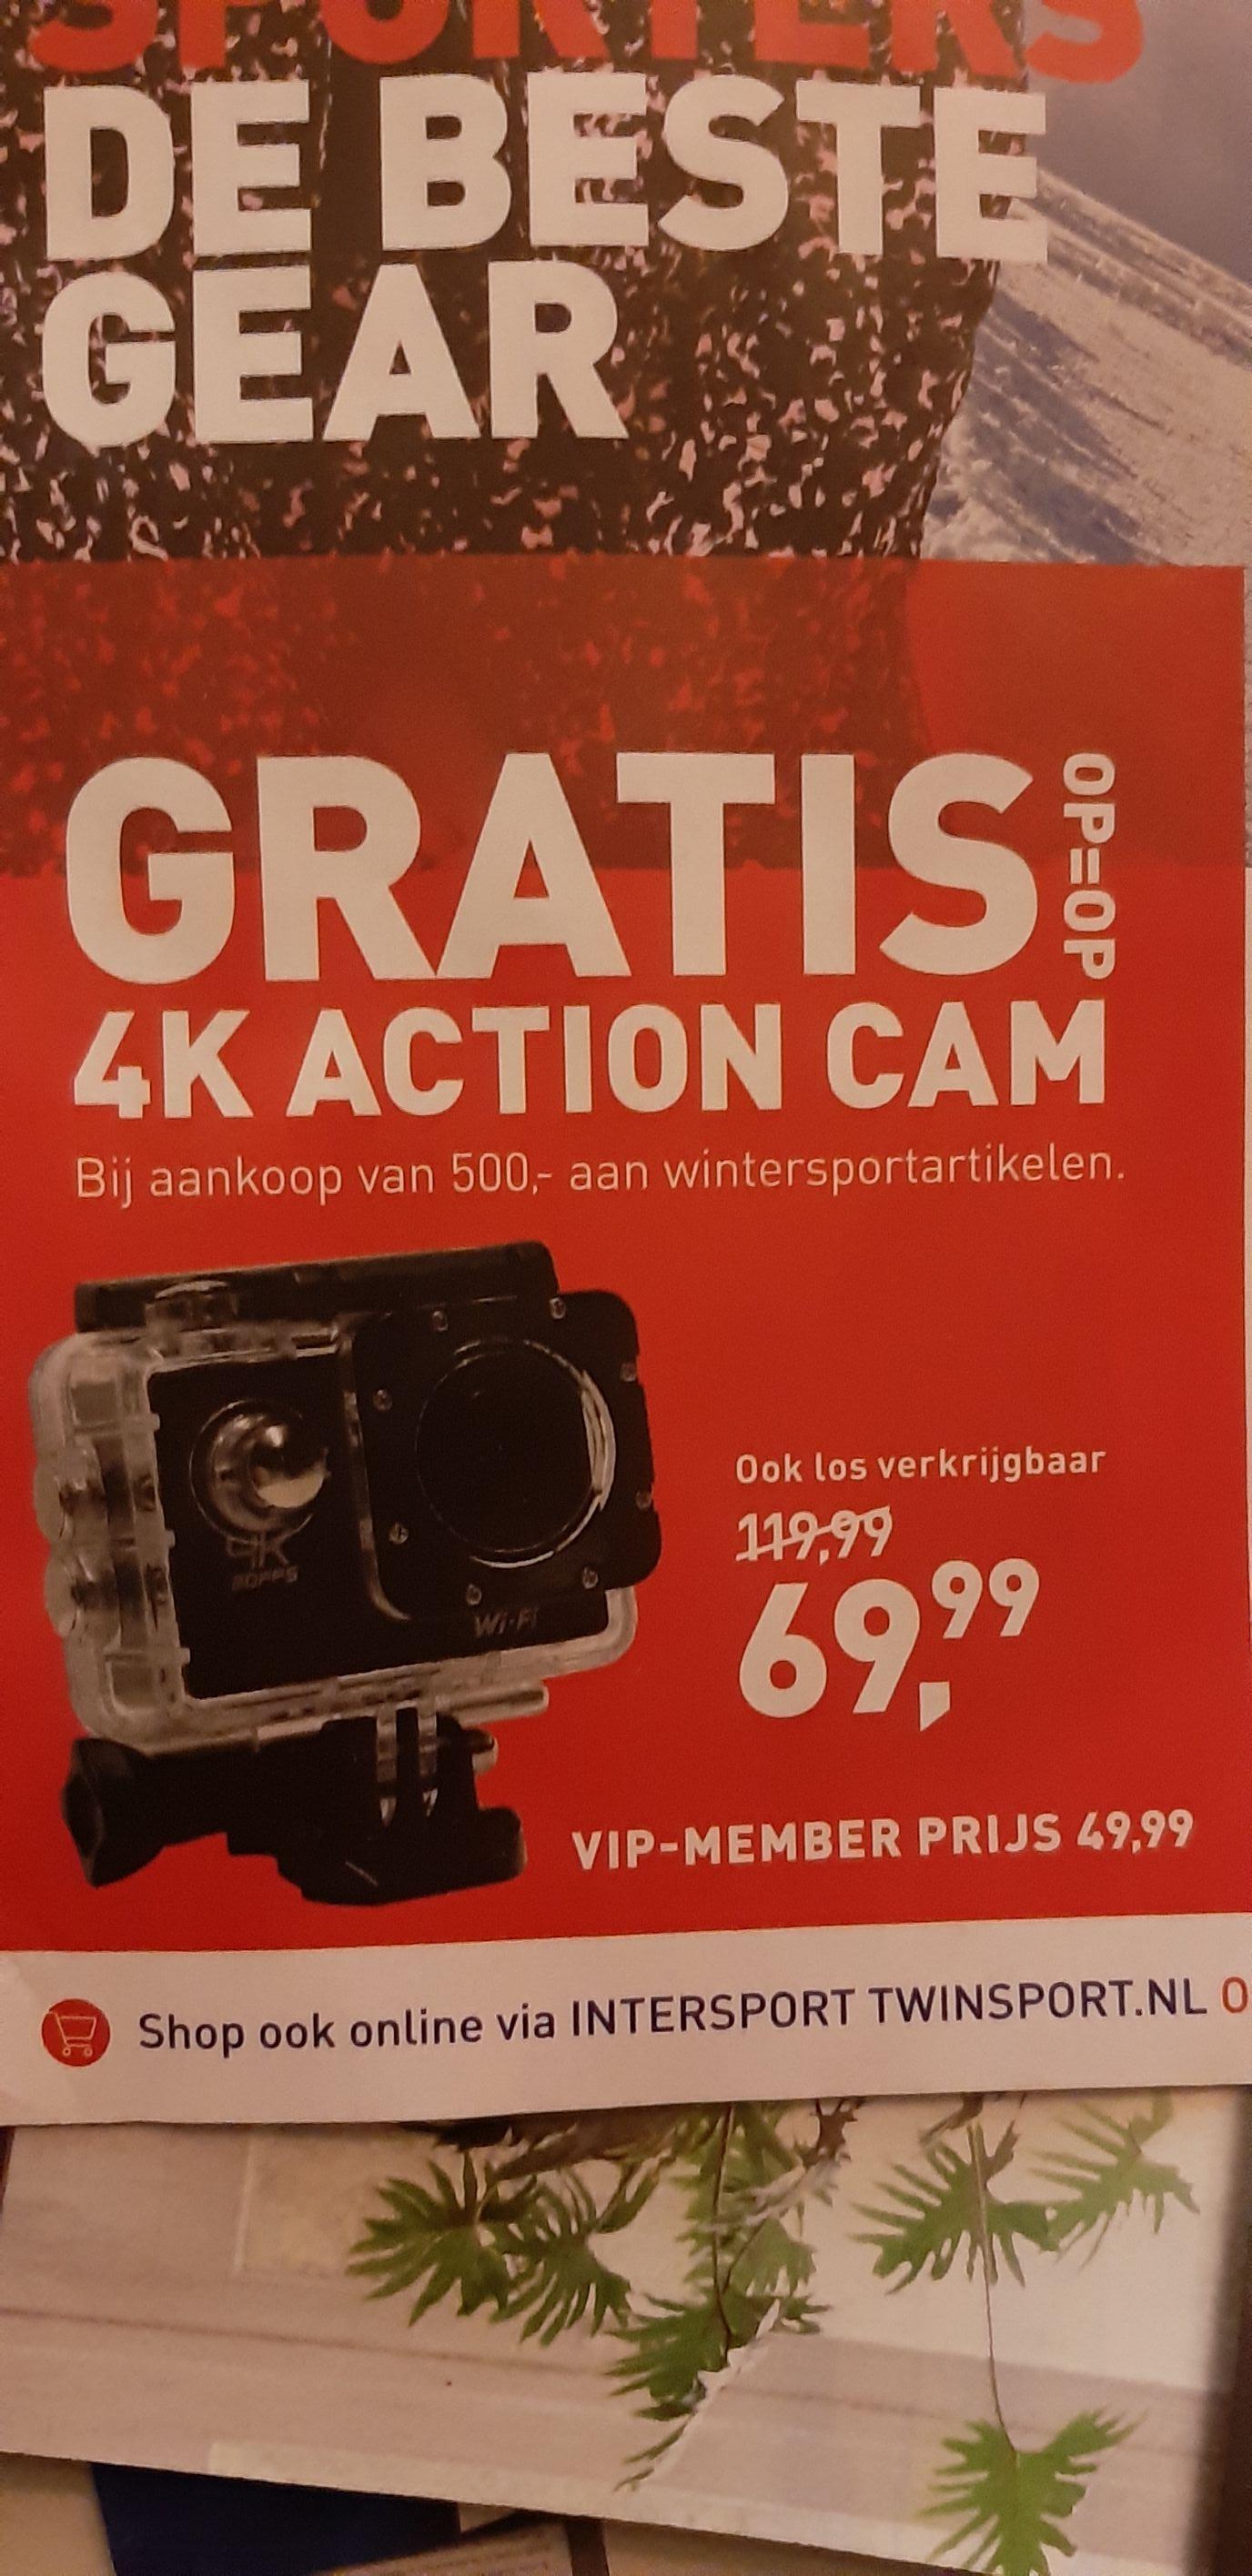 Intersport- Gratis 4k action cam bij aankoop van 500,- aan wintersport artikelen